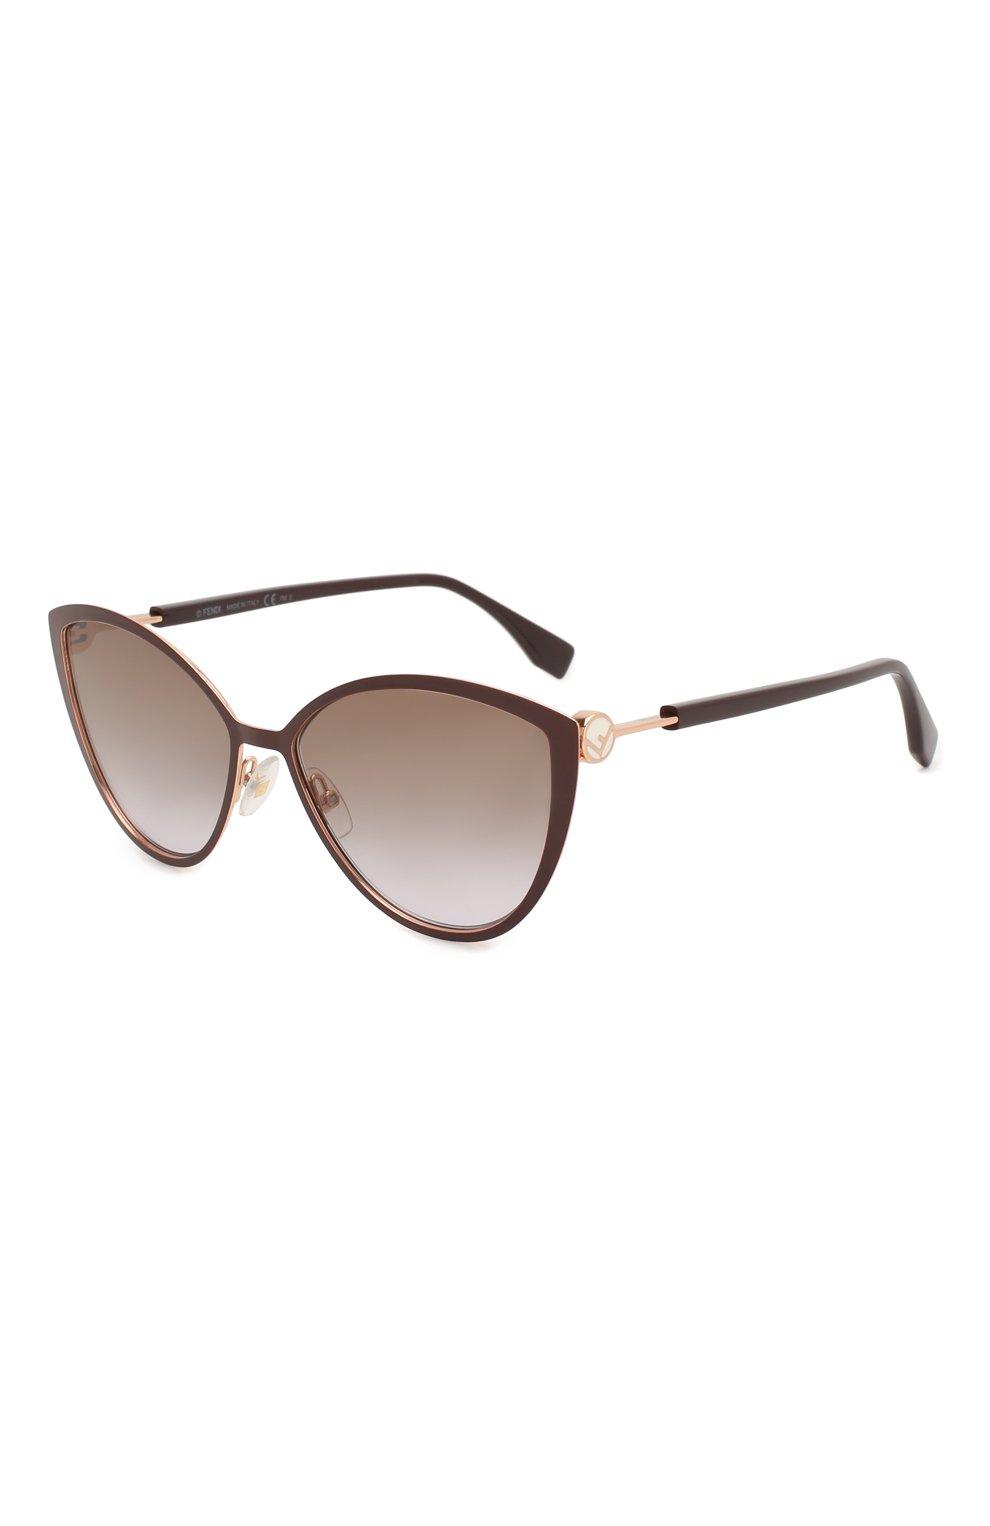 Женские солнцезащитные очки FENDI бордового цвета, арт. 0413 FG4 | Фото 1